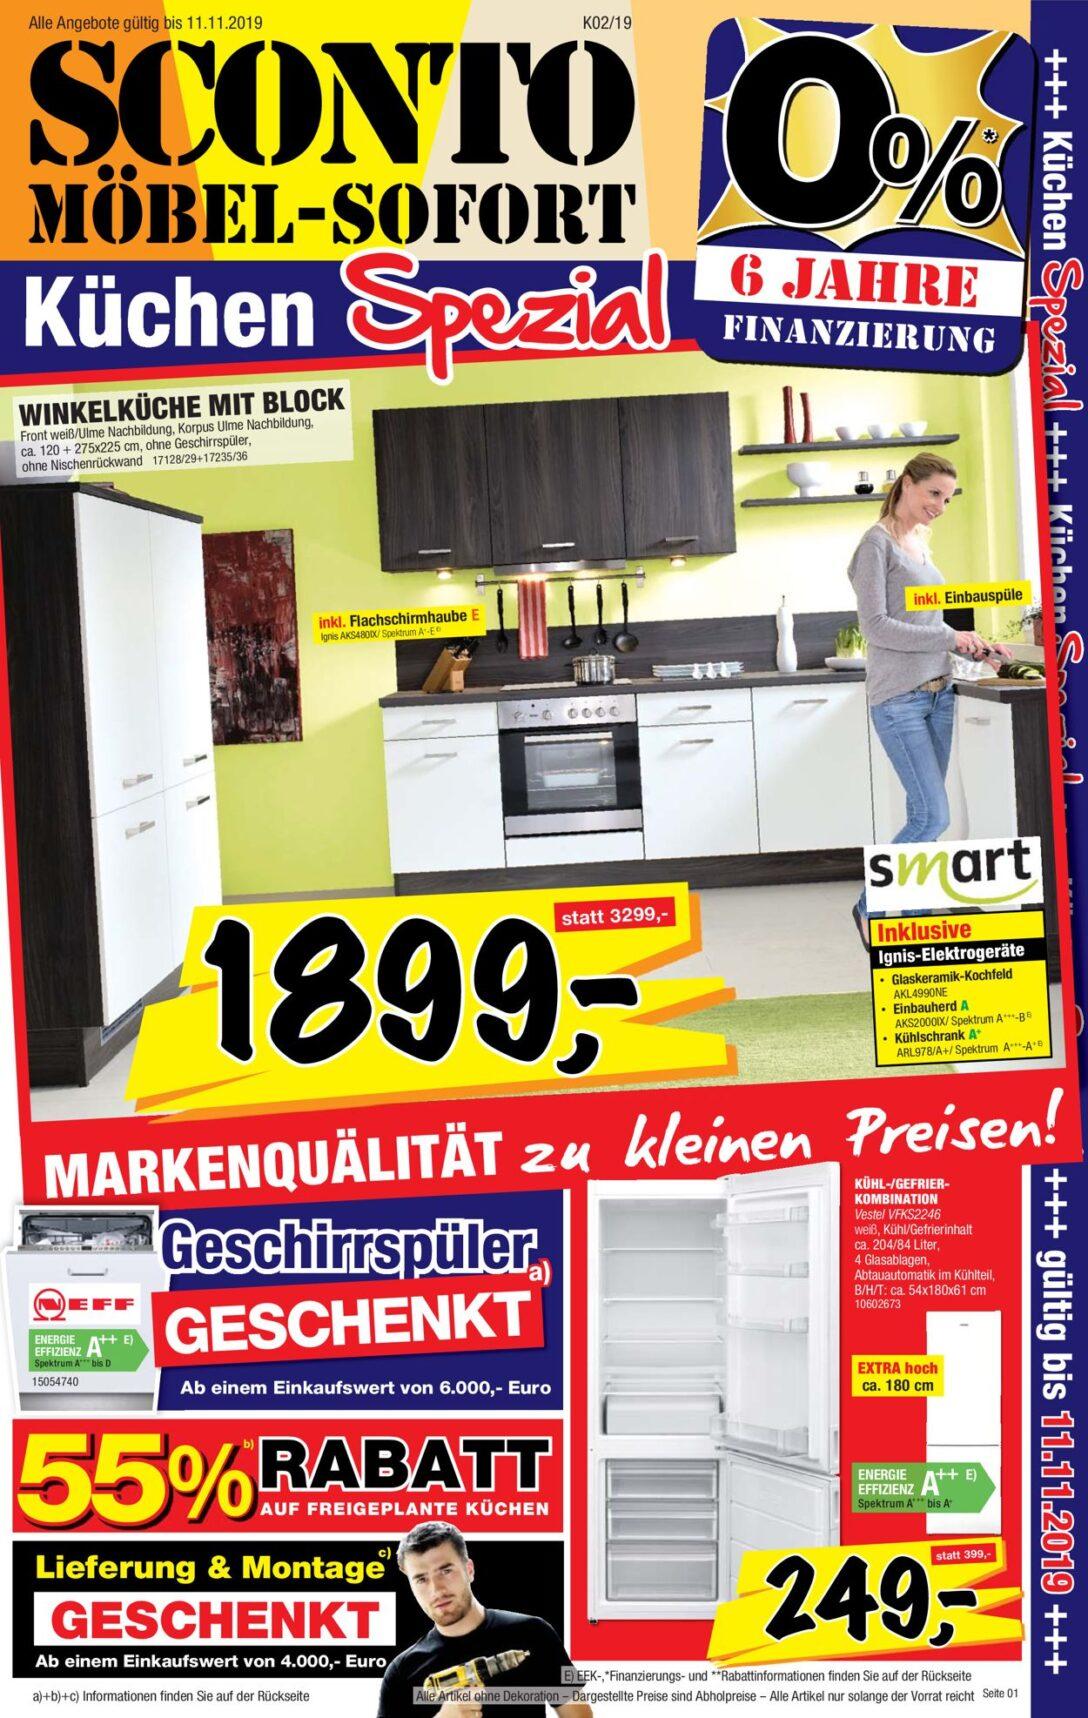 Large Size of Sconto Aktueller Prospekt 2210 11112019 Jedewoche Rabattede Küchen Regal Wohnzimmer Sconto Küchen